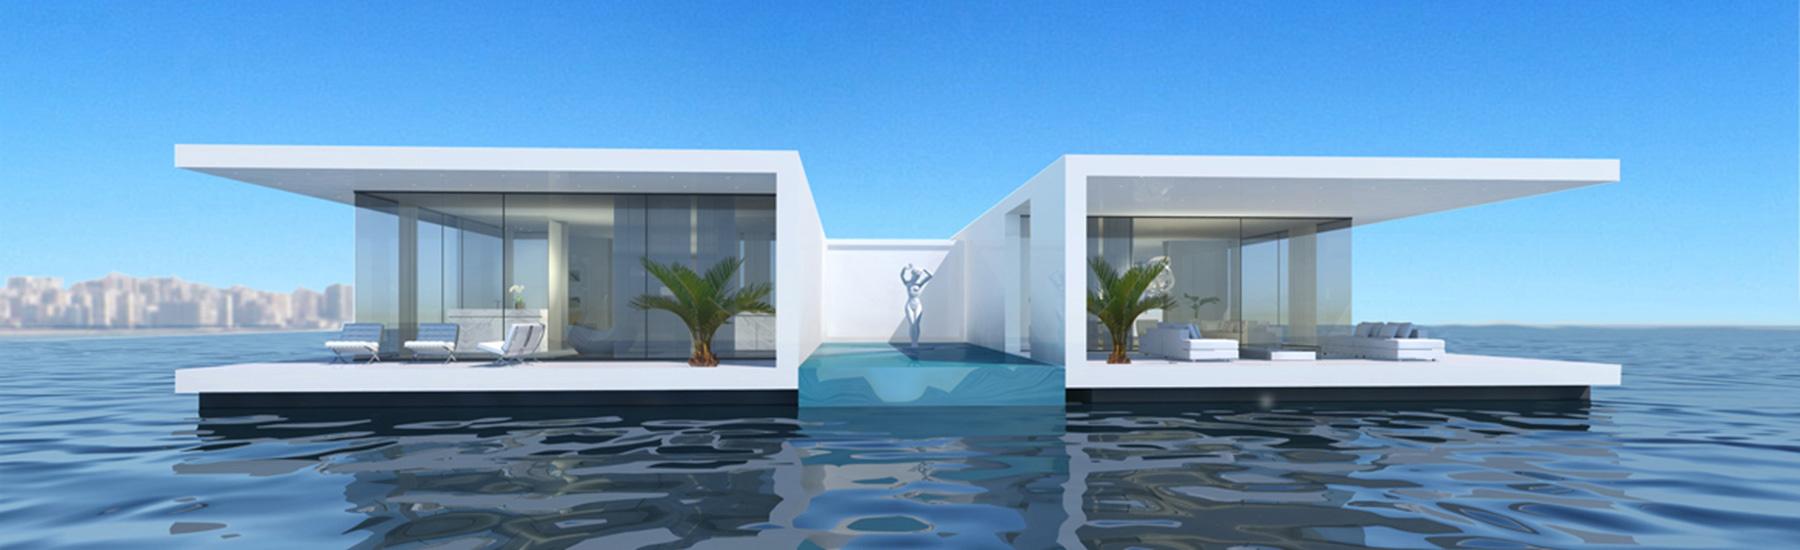 H2O Floating Technology - Créateur d'espaces flottants